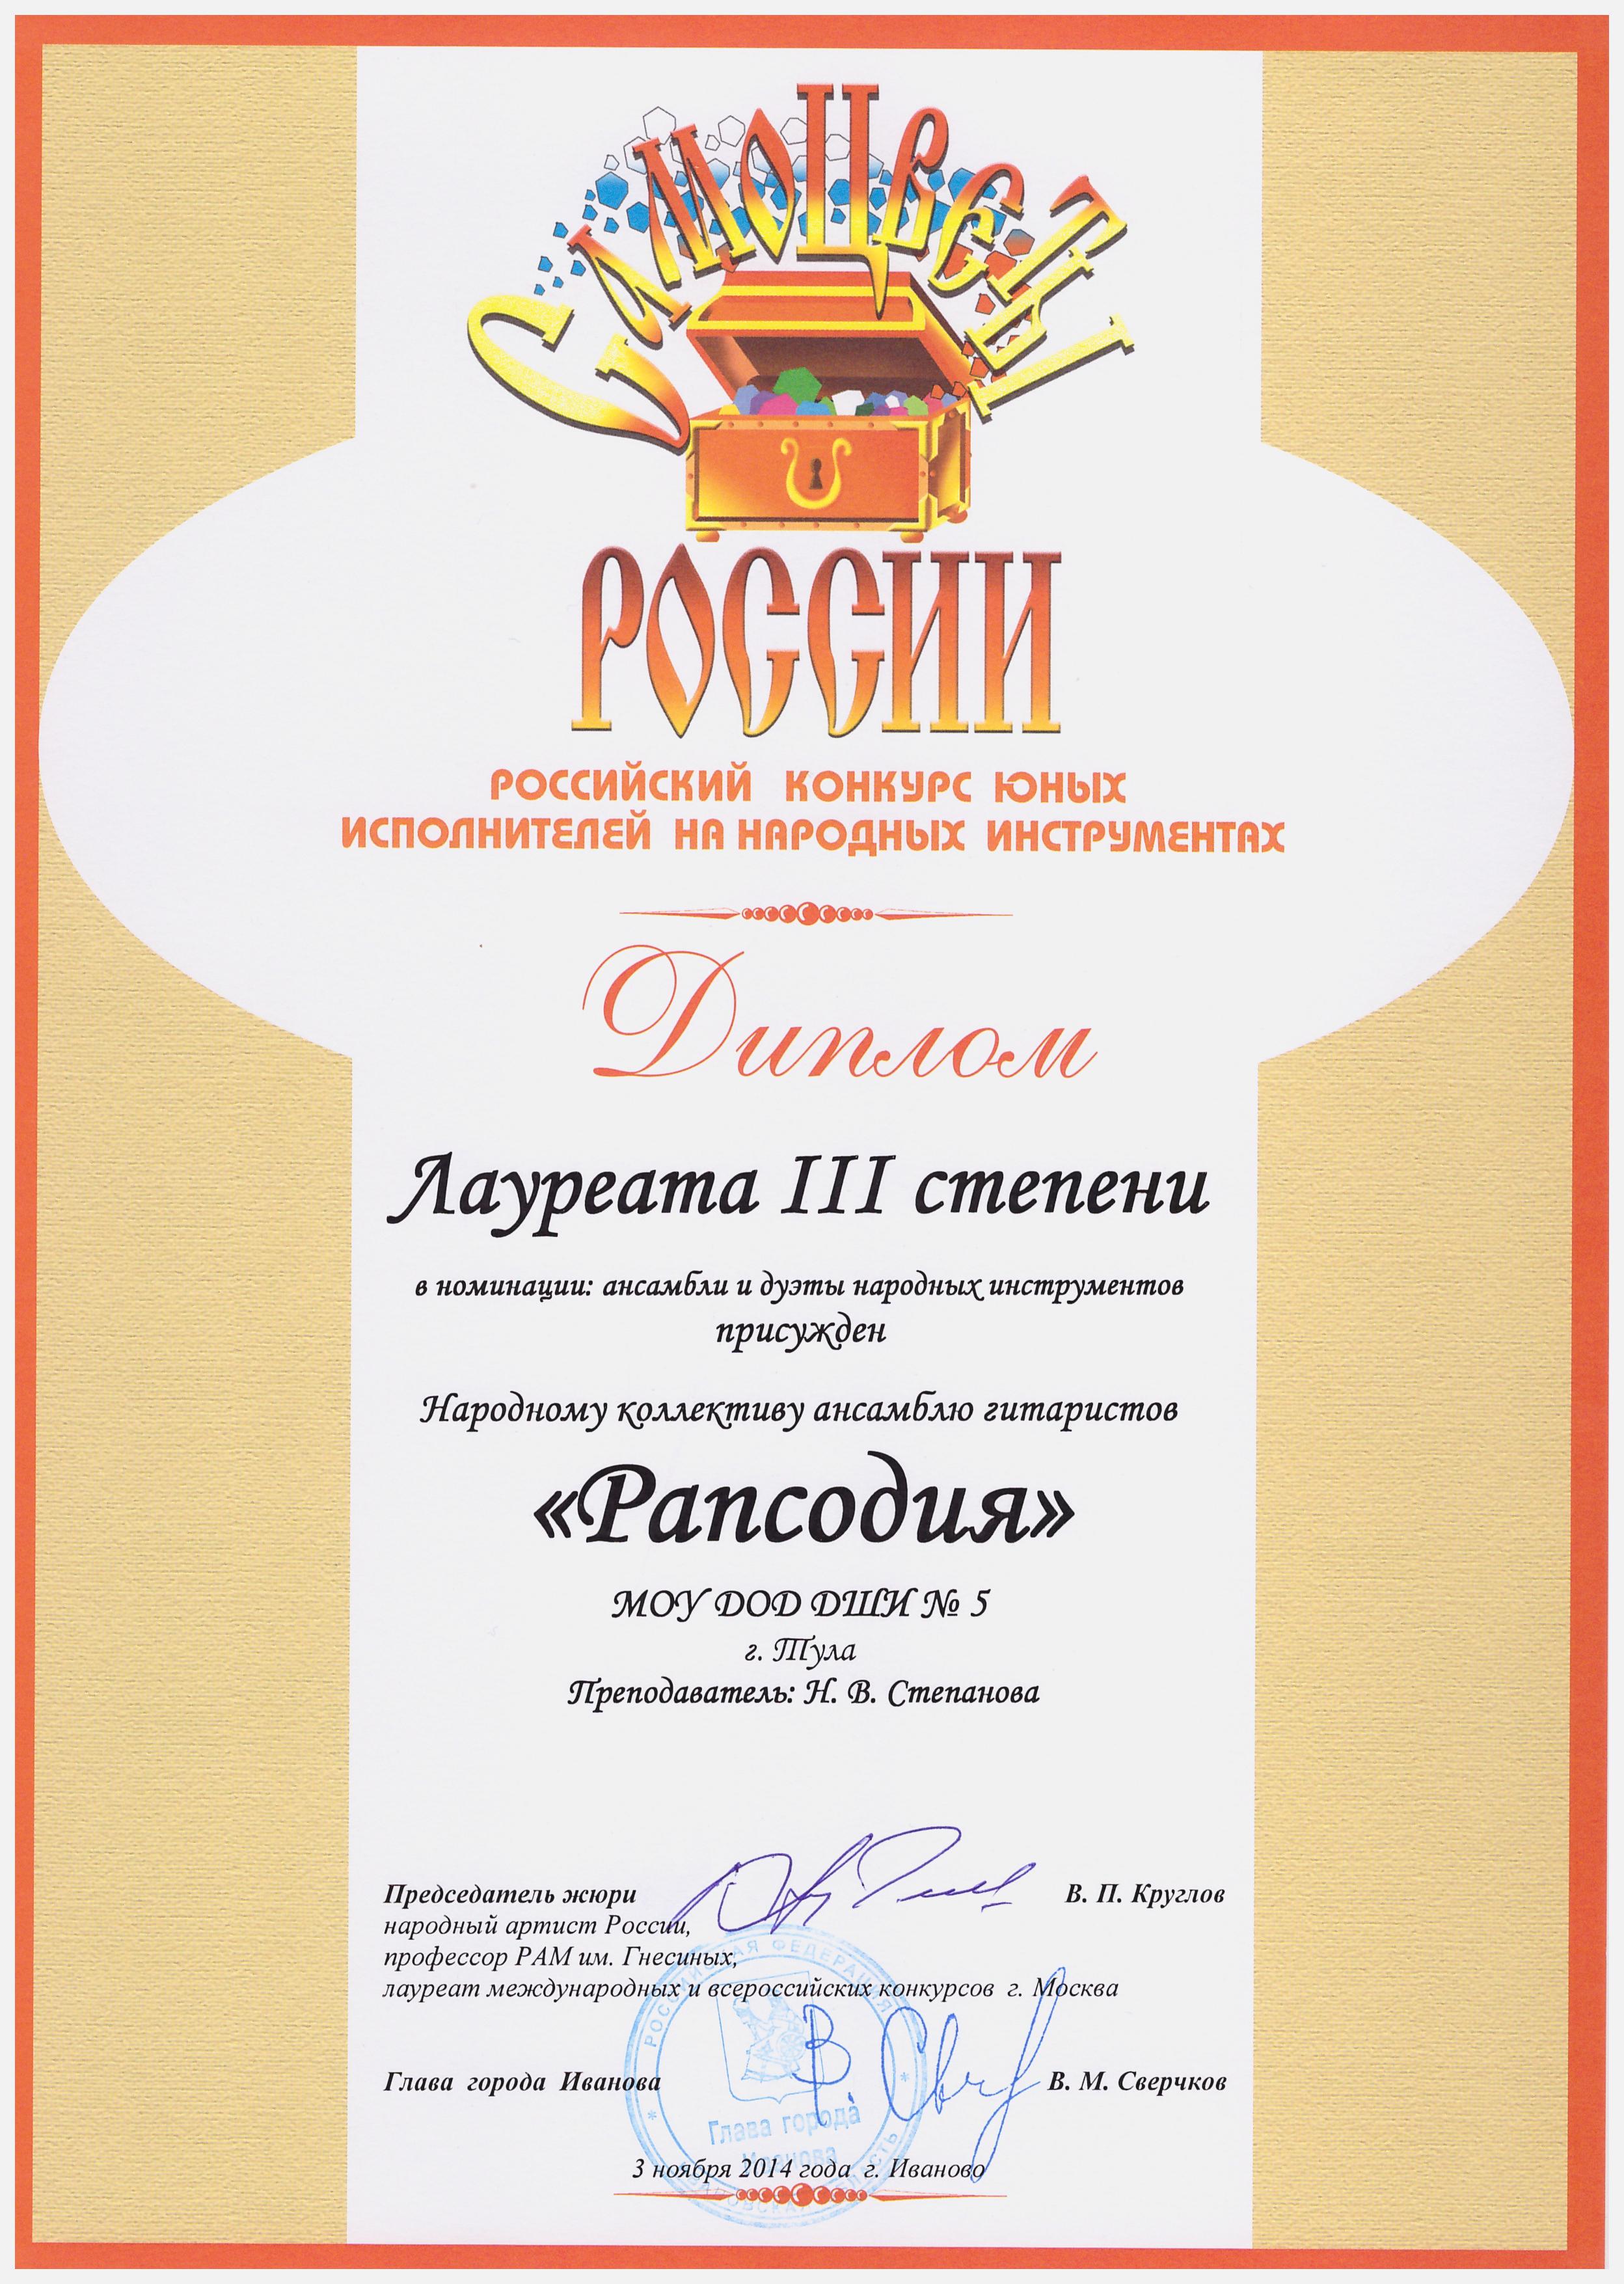 Победители всероссийского конкурса на народных инструментах